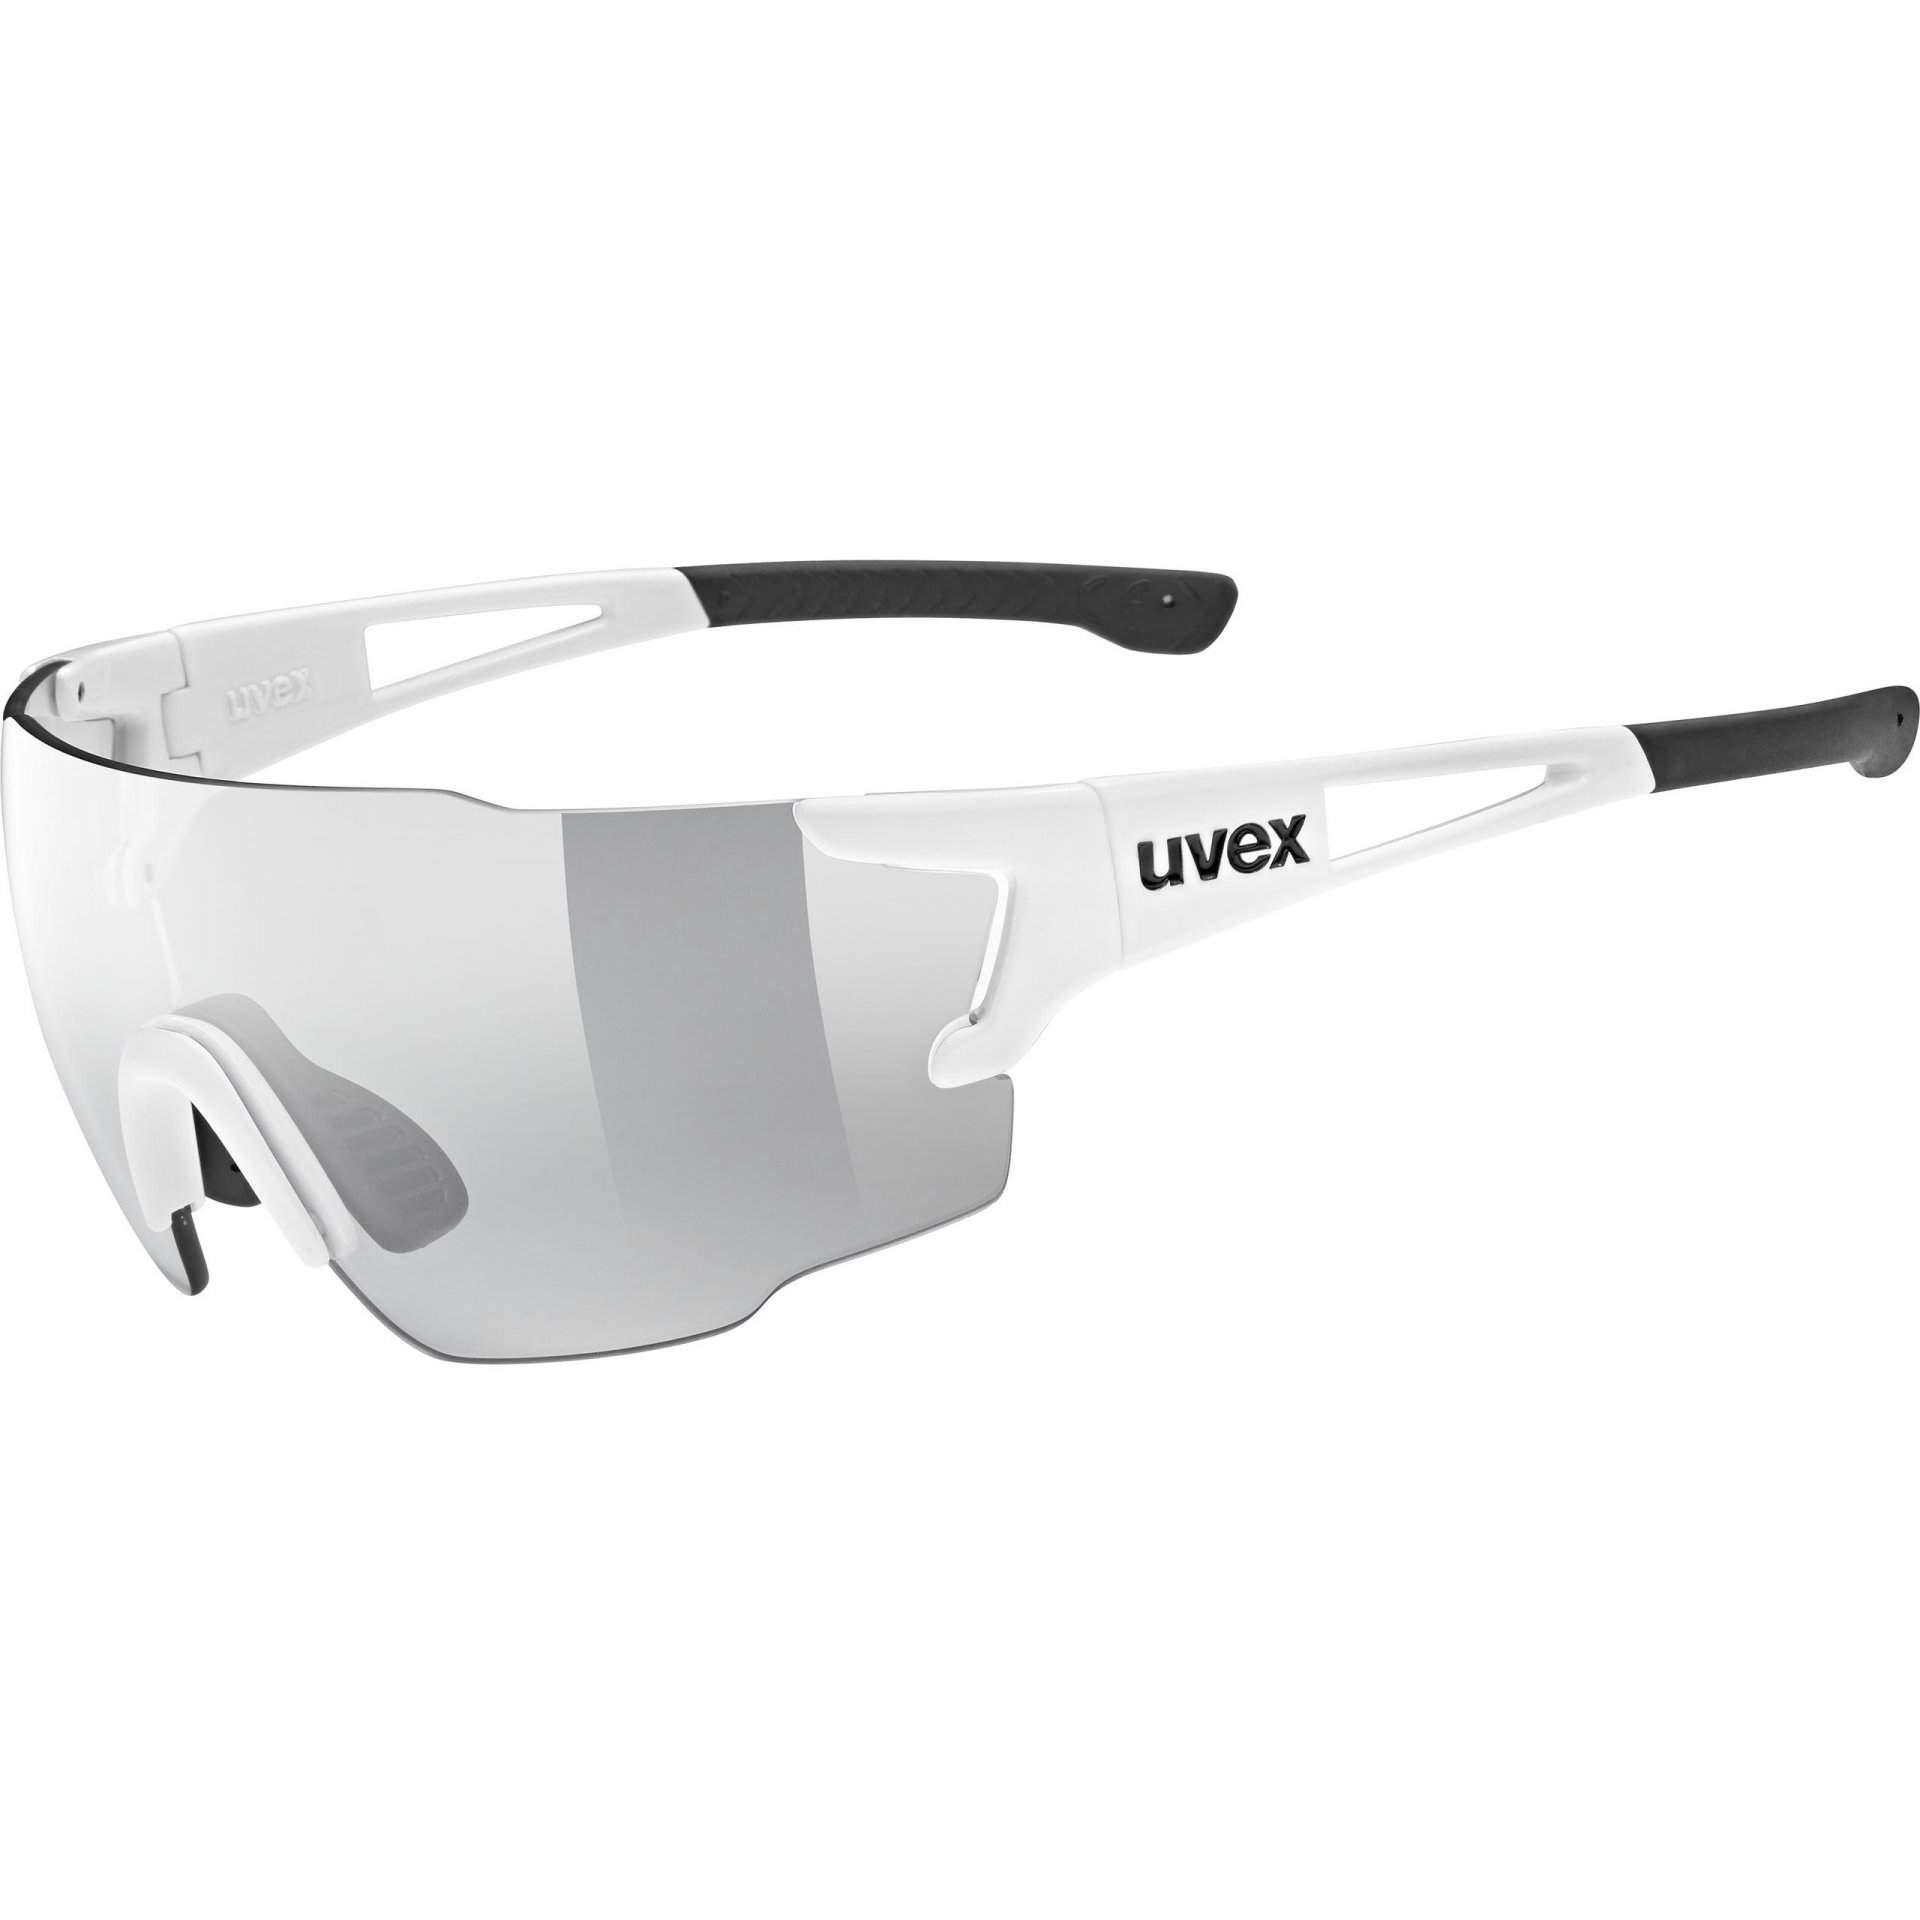 OKULARY UVEX SPORTSTYLE 804 V 53|2|039|8801 WHITE Z PRZODU